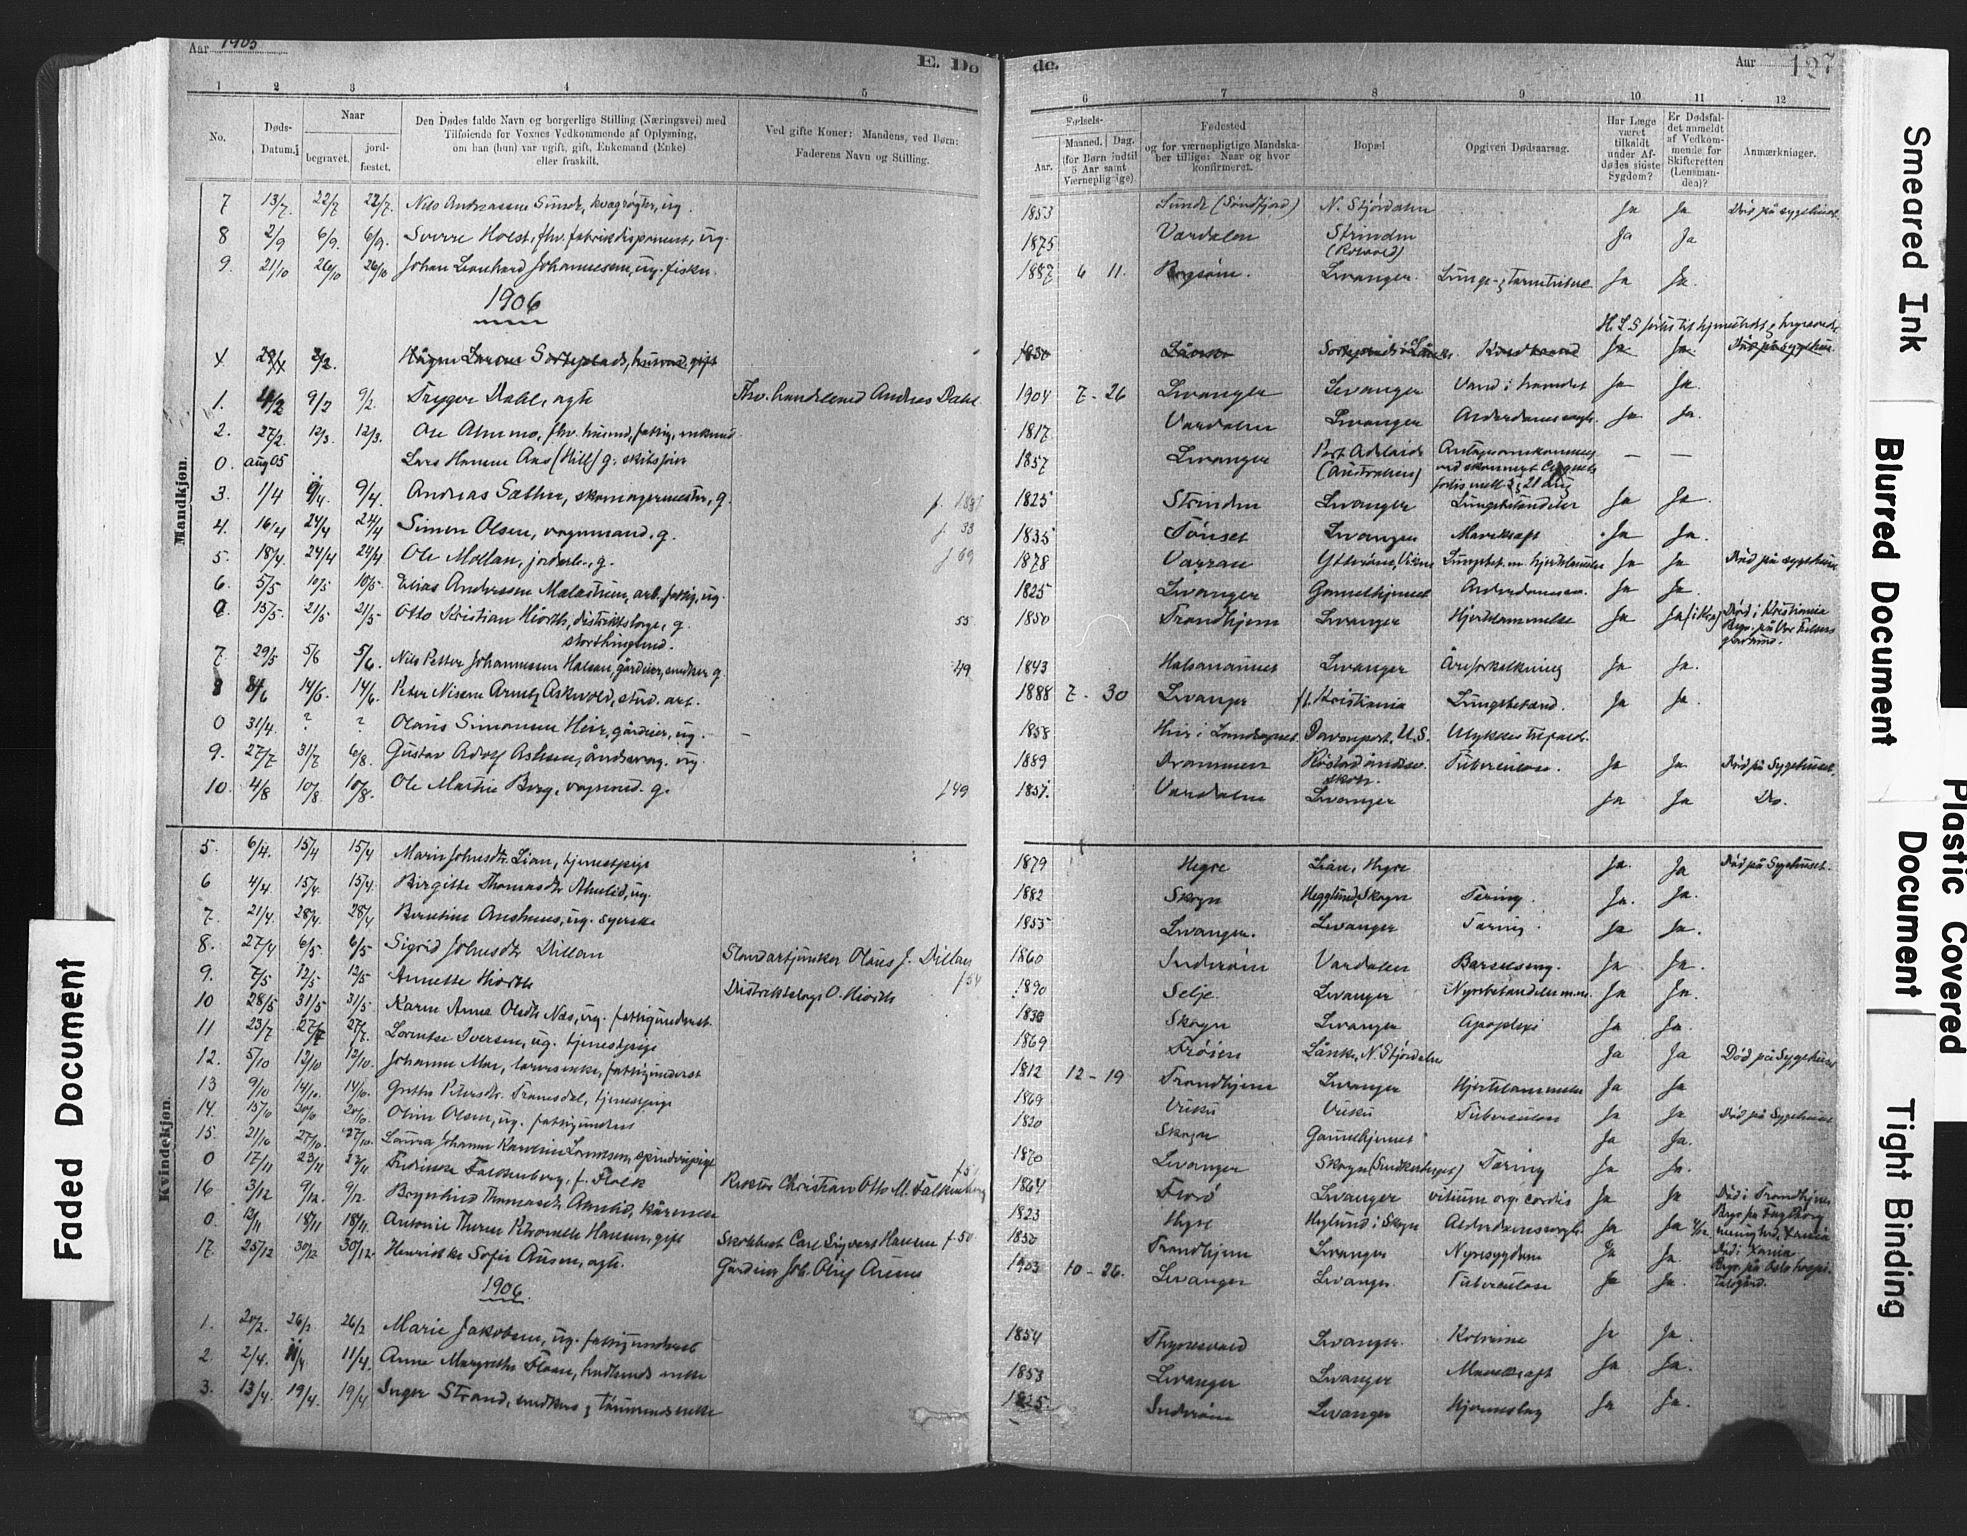 SAT, Ministerialprotokoller, klokkerbøker og fødselsregistre - Nord-Trøndelag, 720/L0189: Ministerialbok nr. 720A05, 1880-1911, s. 127